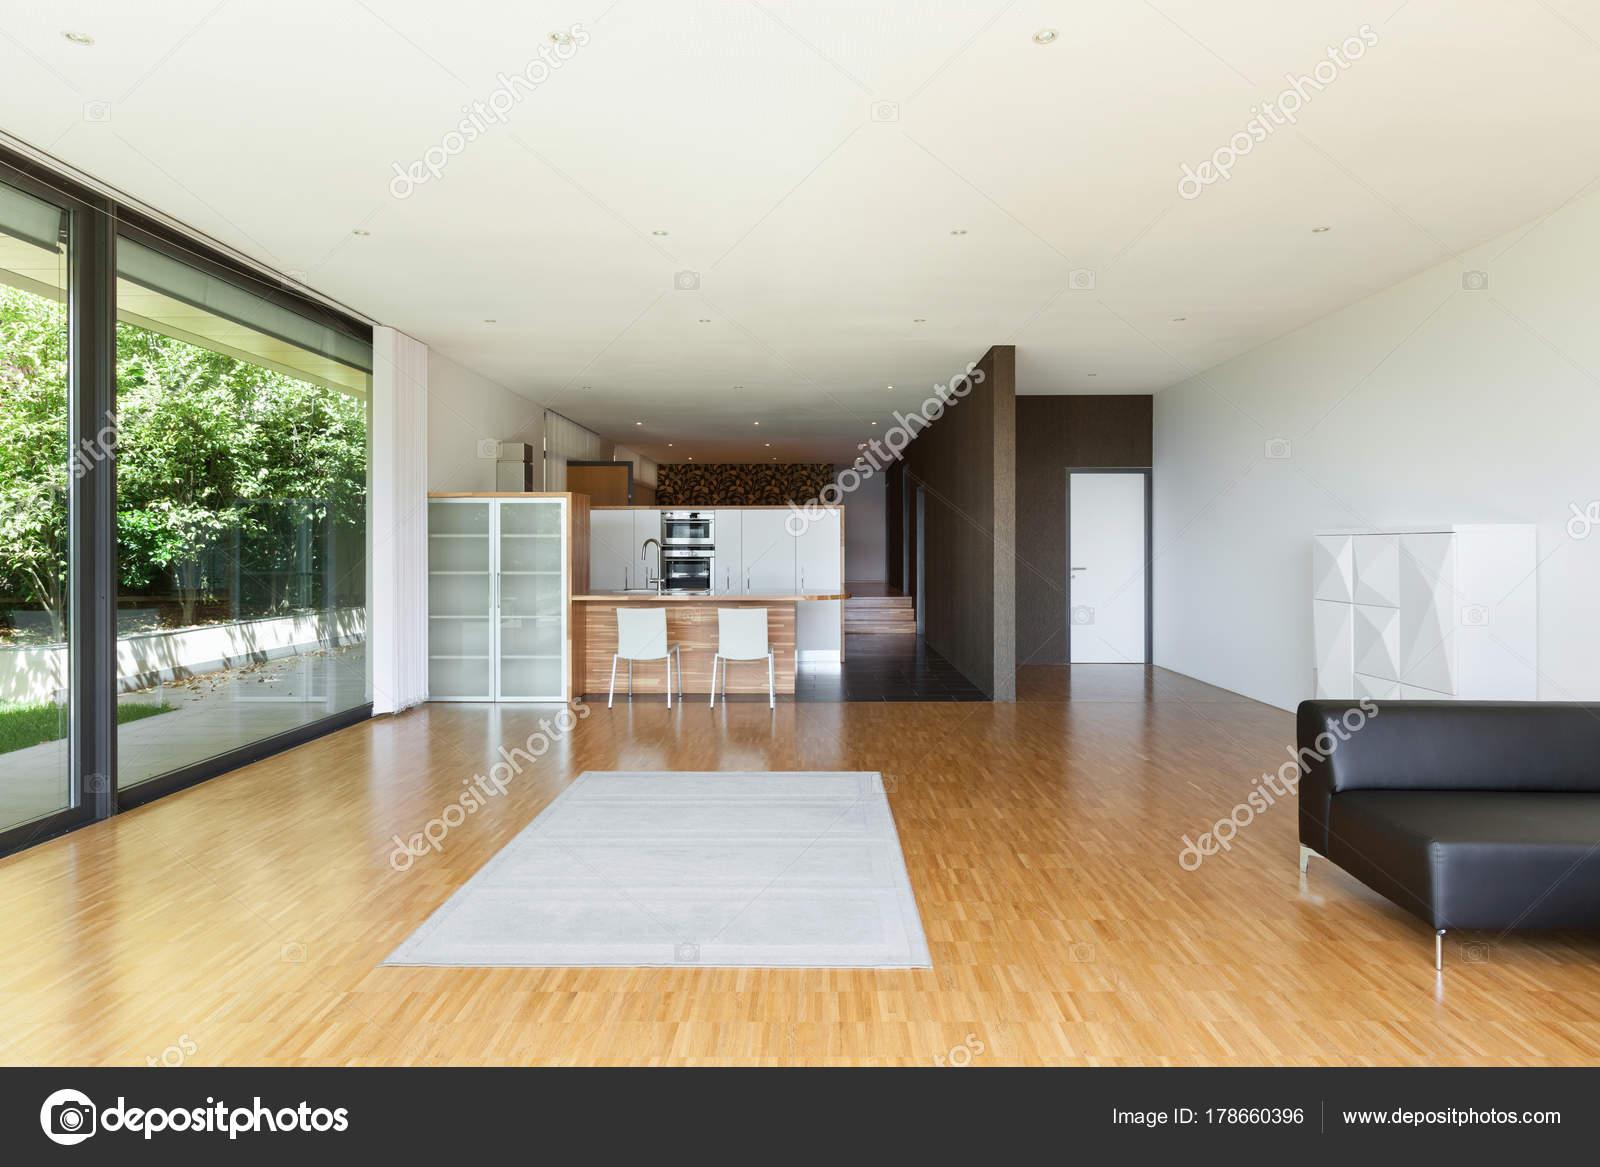 Haus, großes Wohnzimmer — Stockfoto © Zveiger #178660396